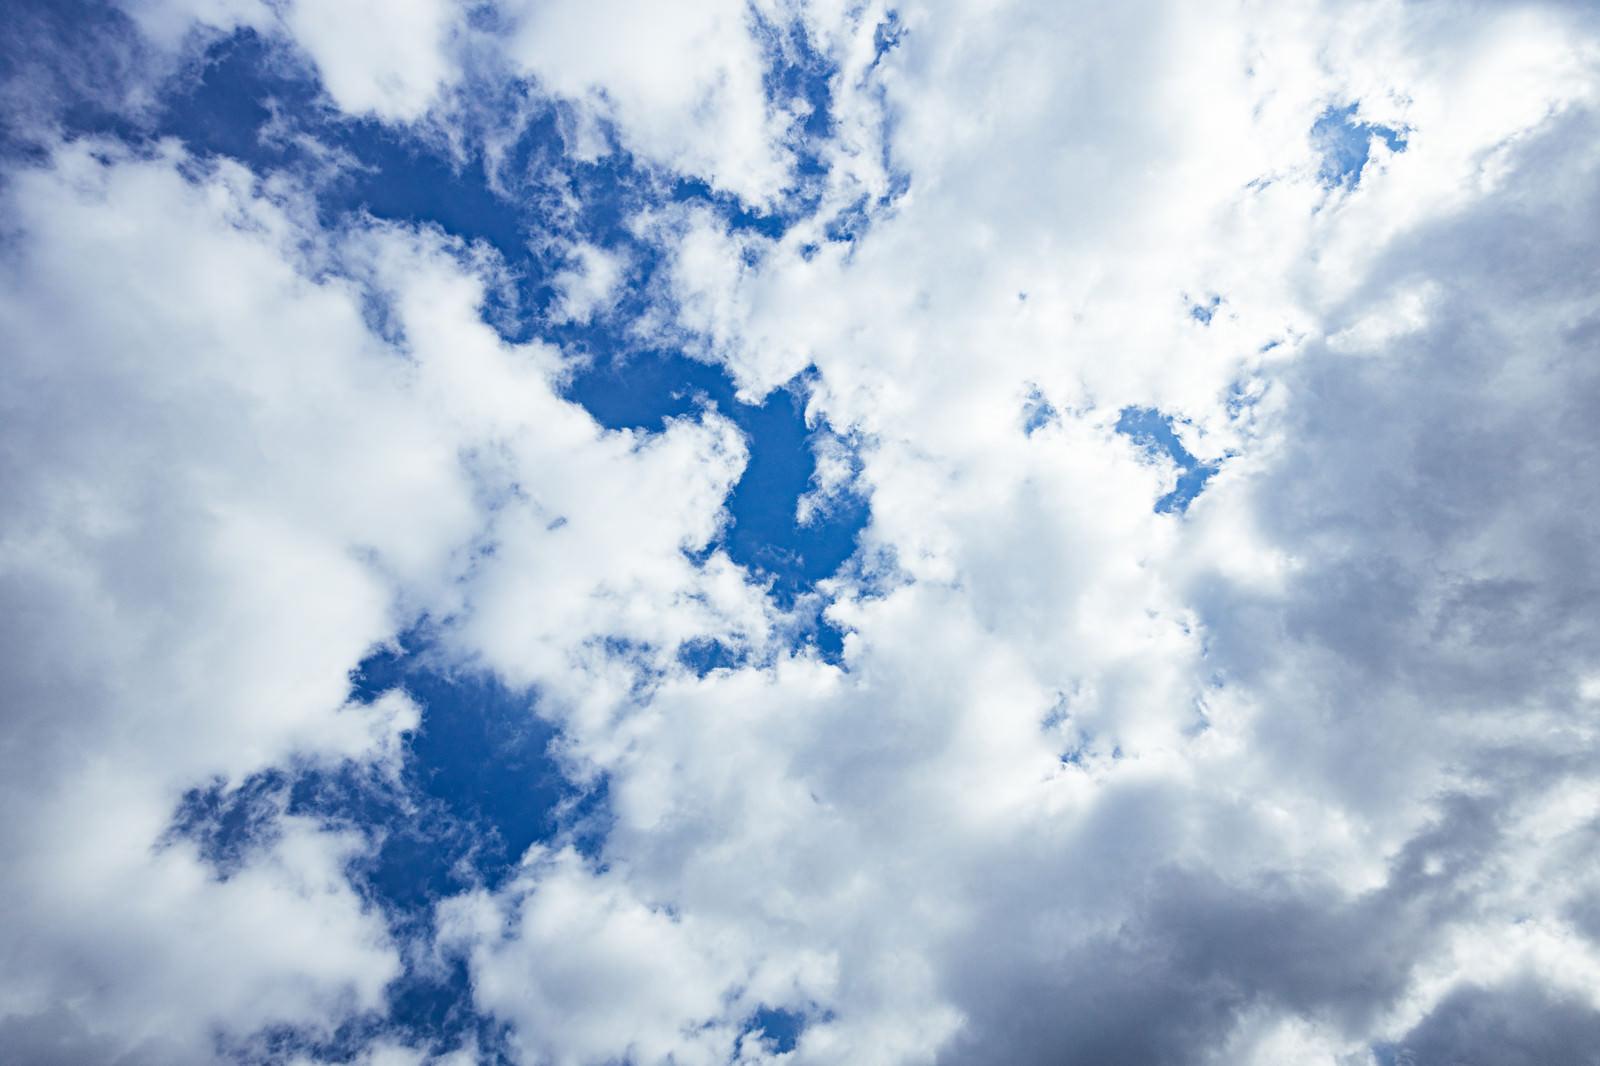 「綿雲の合間から見える青空」の写真